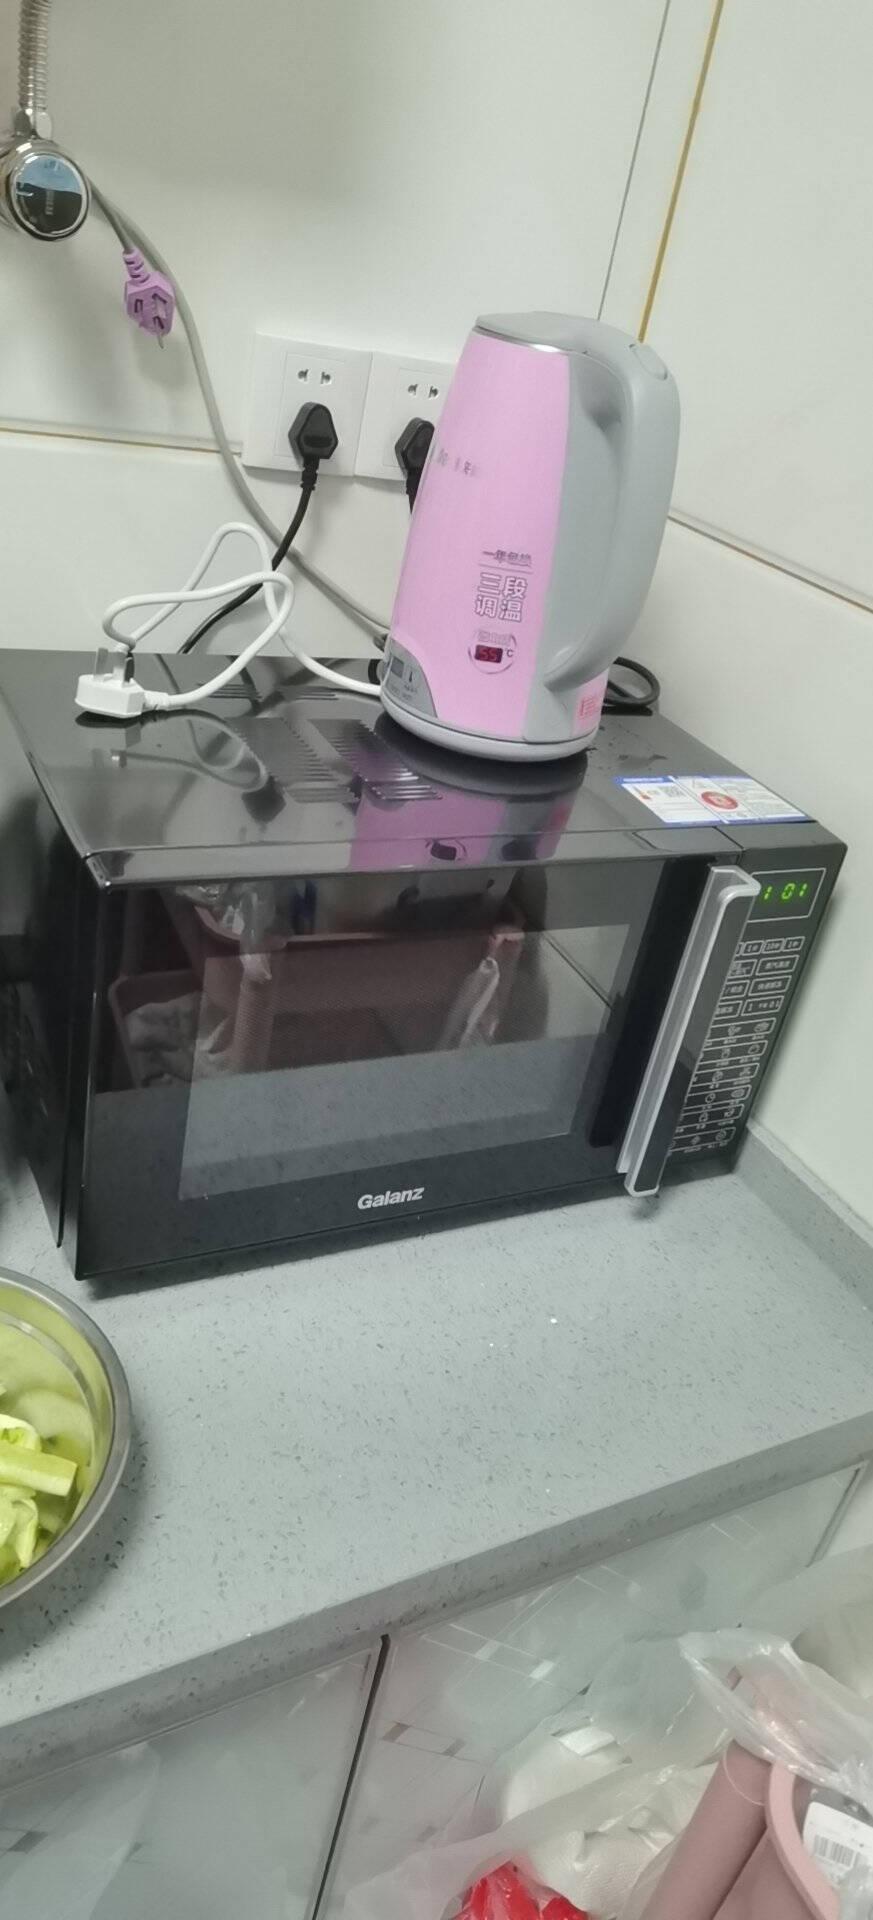 格兰仕23升变频微波炉光波炉家用微烤箱一体机900W速热蒸汽感应营养解冻G90F23CN3LV-C2(S5)